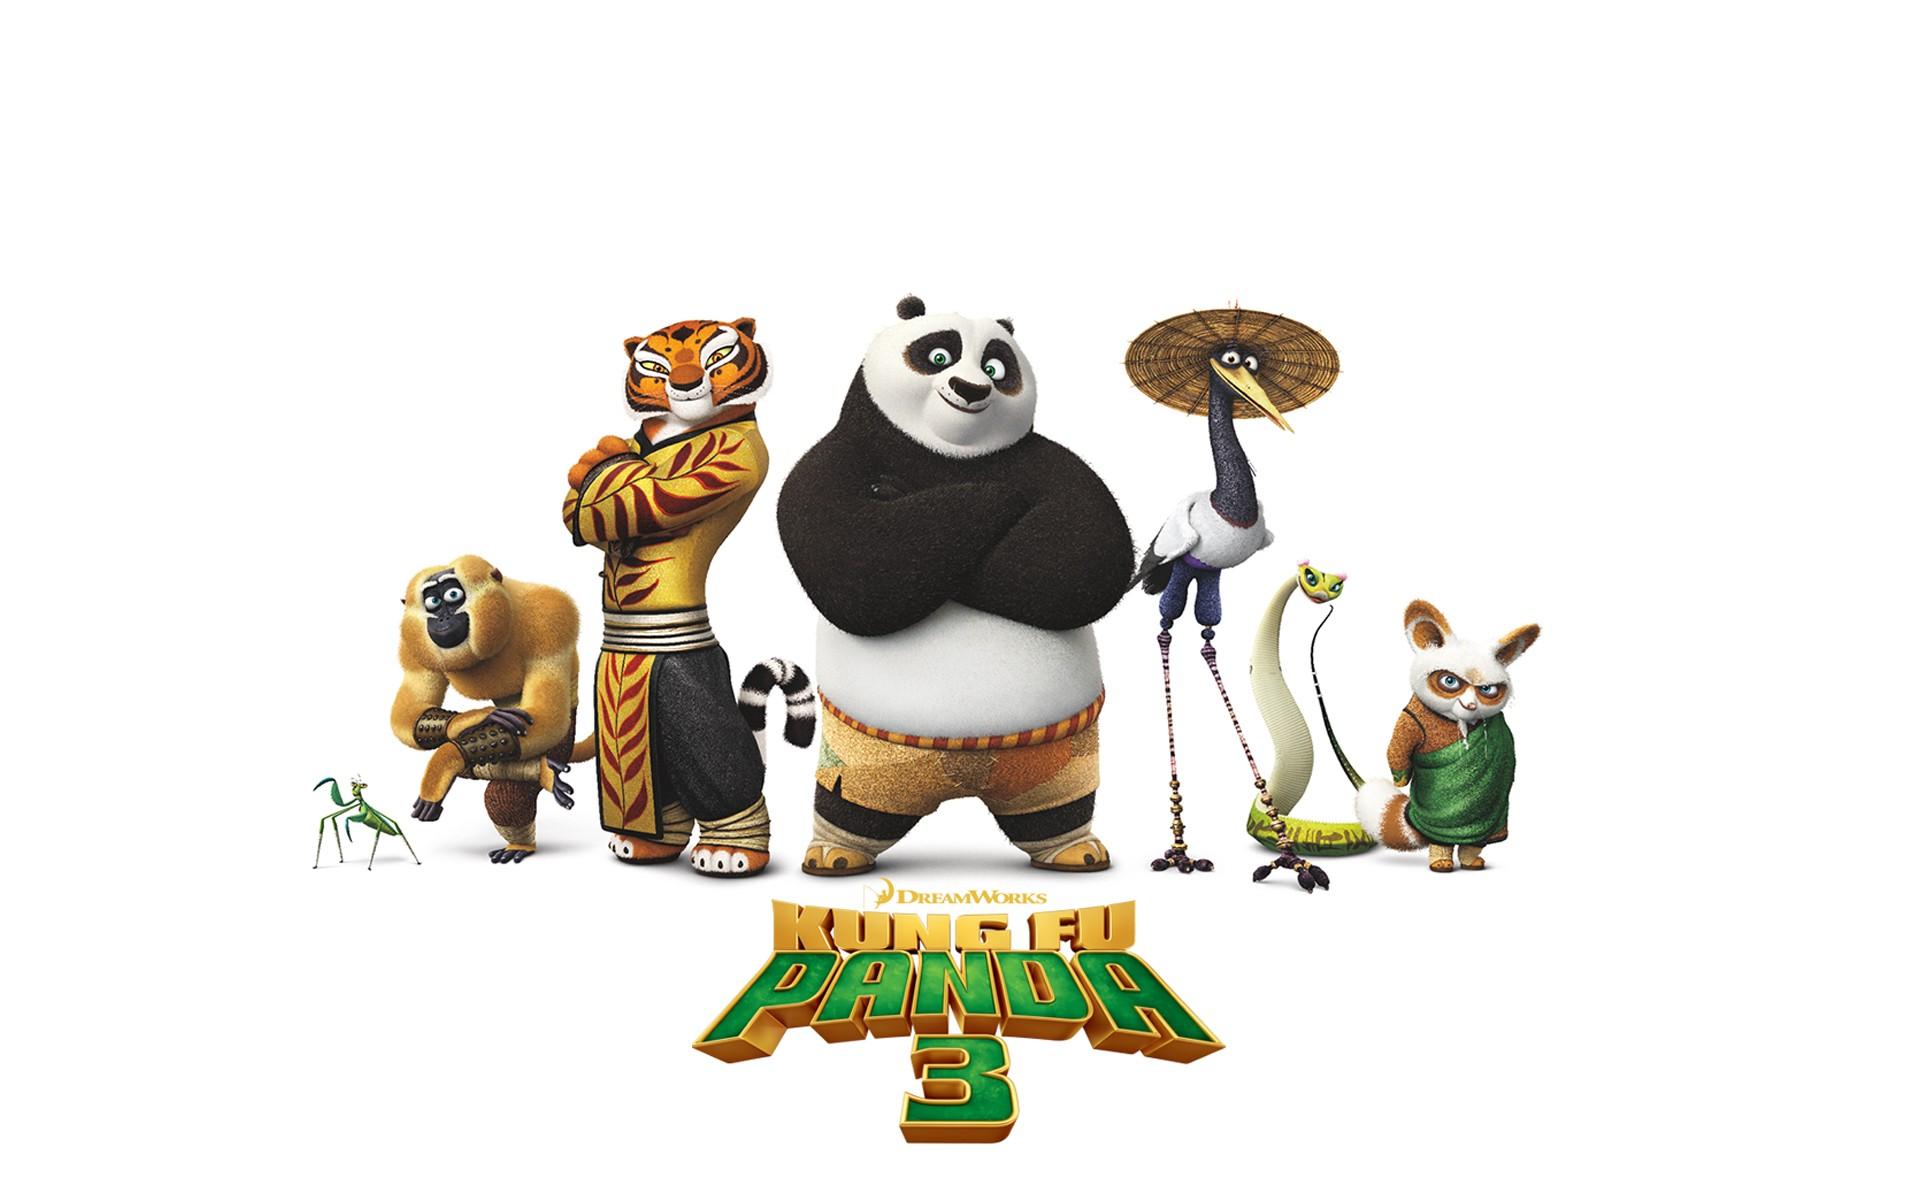 все герои кунг фу панда фото окровавленных кроссовок